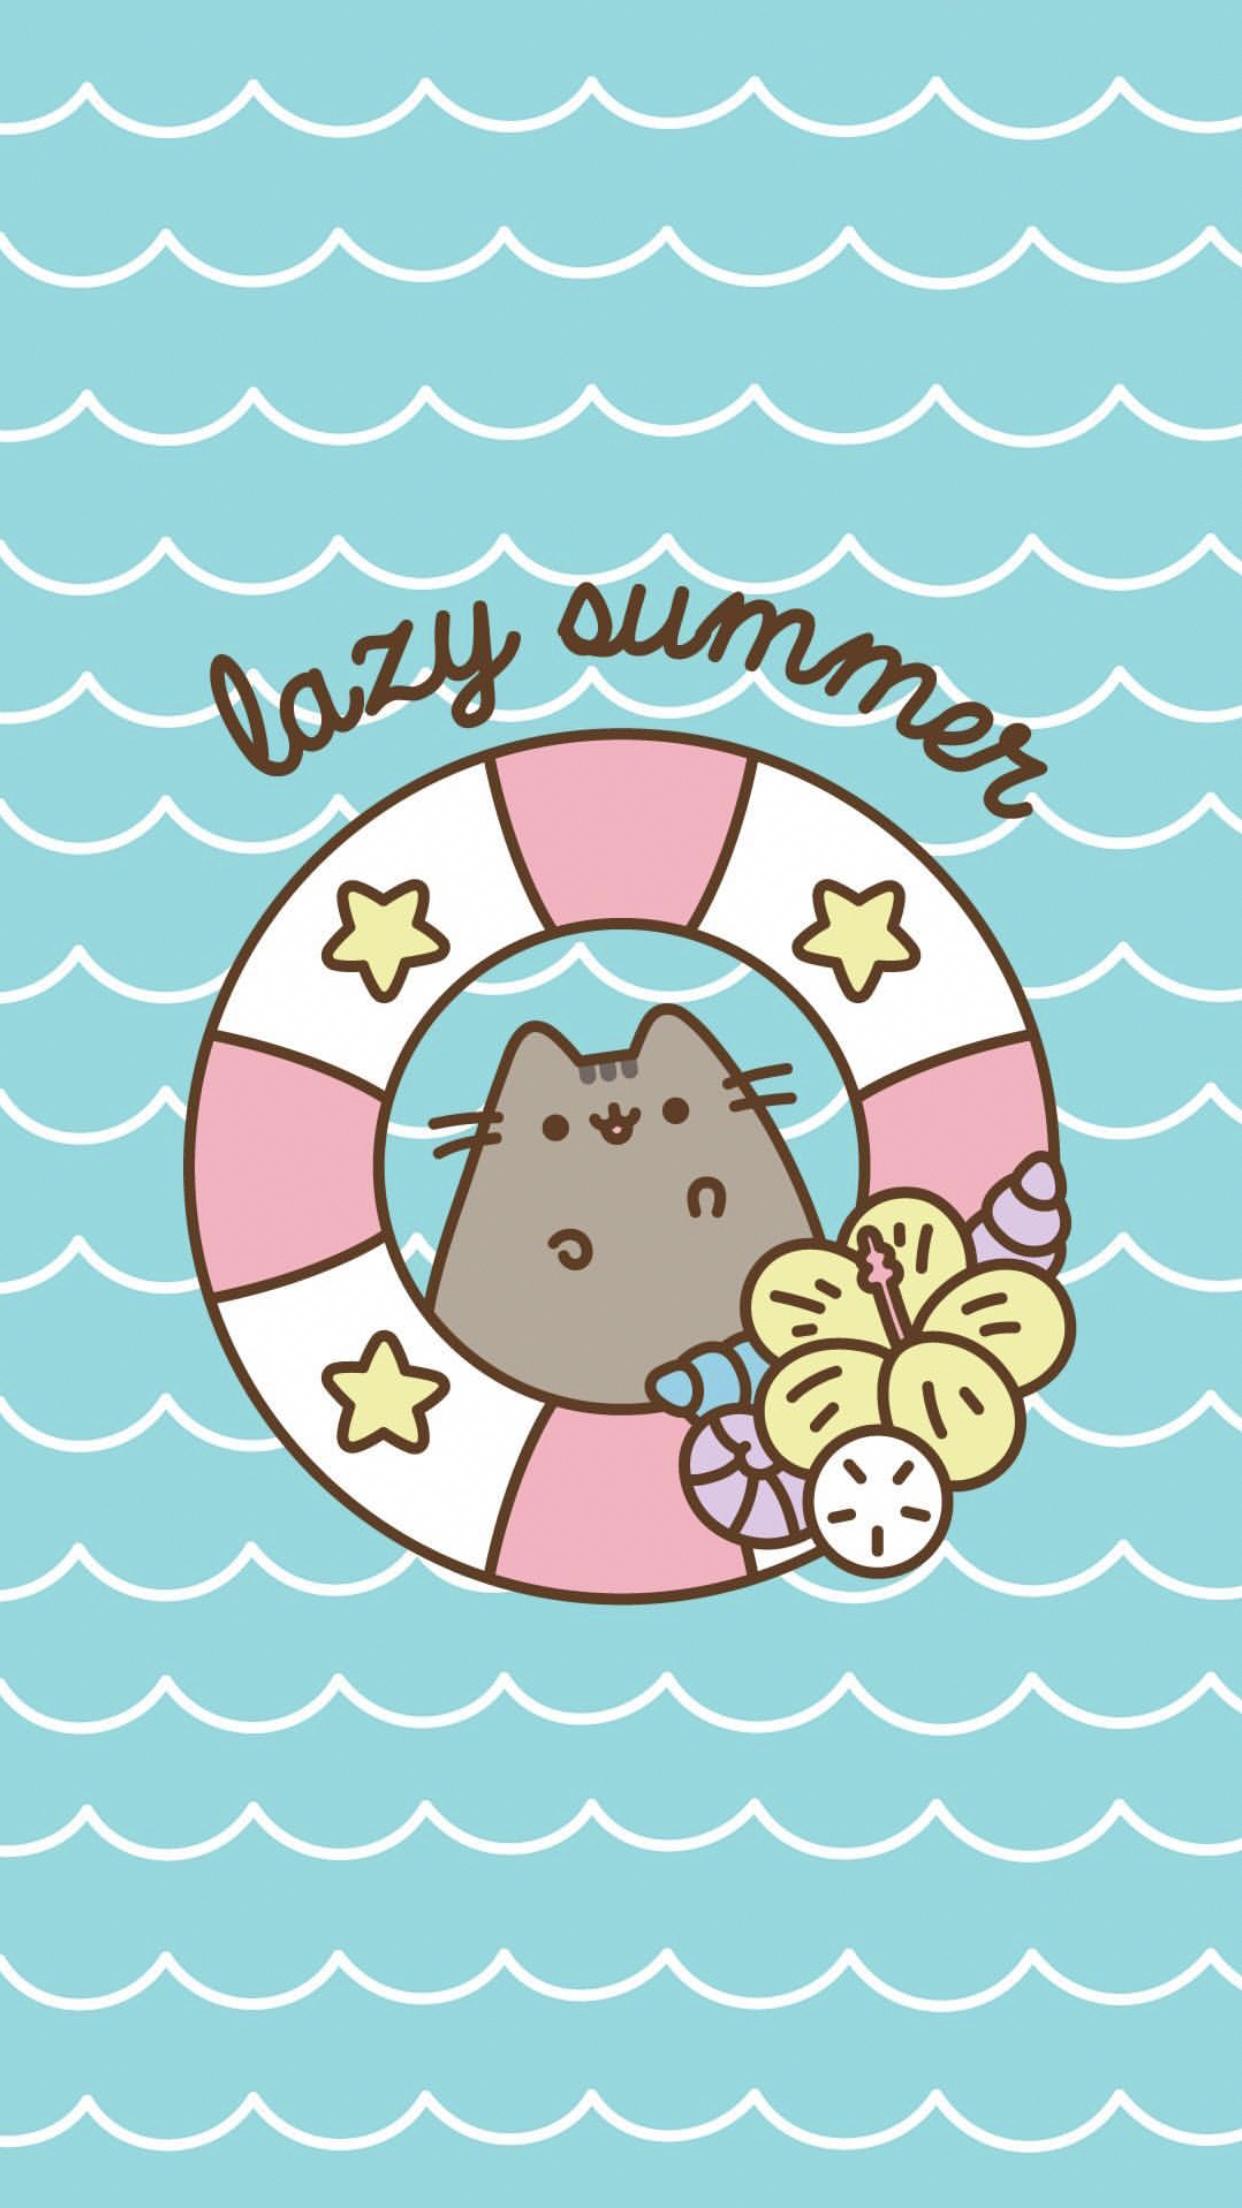 Pusheen Iphone Wallpaper Iphonewallpaperhipster Pusheen Cute Pusheen Cat Cute Cat Wallpaper